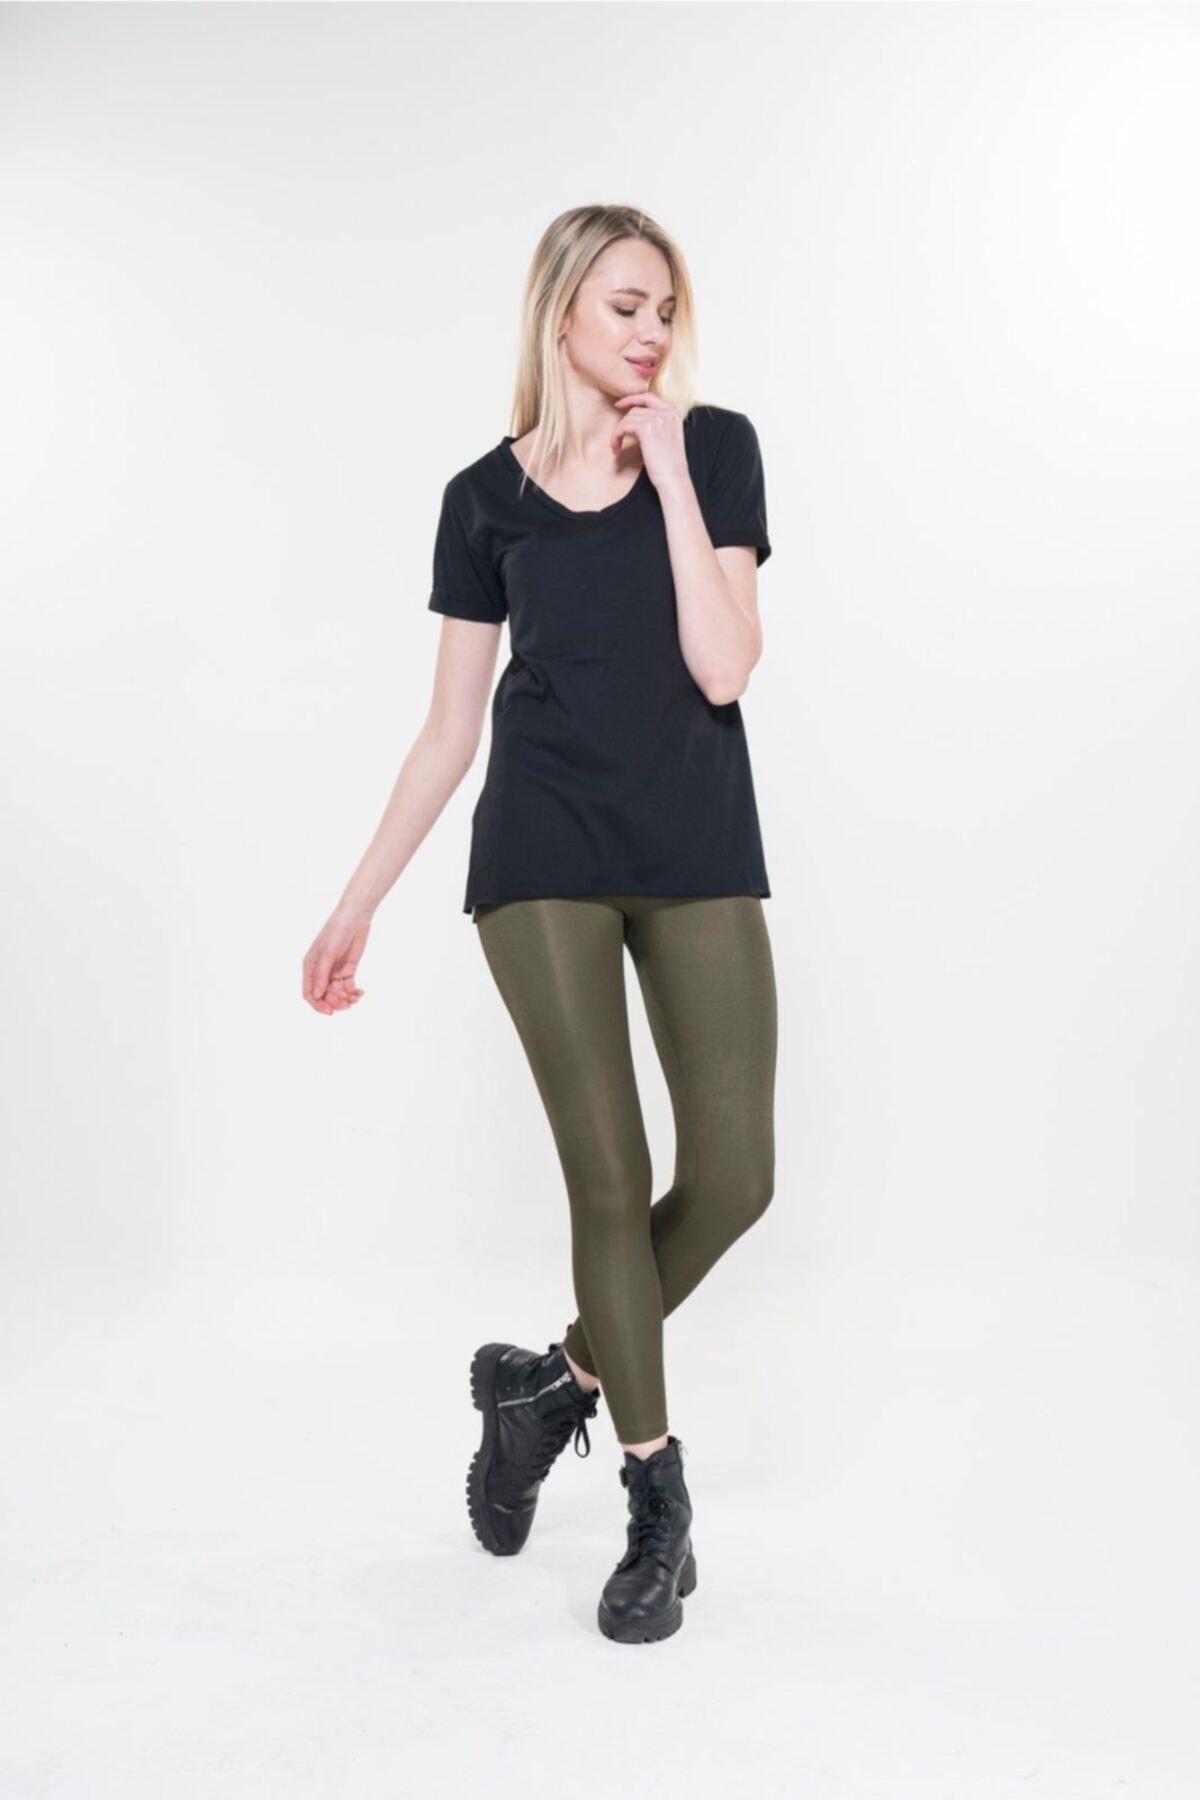 Boutique Calidad by Paris Kadın Yanları Yırtmaçlı V Yaka Tshirt 1